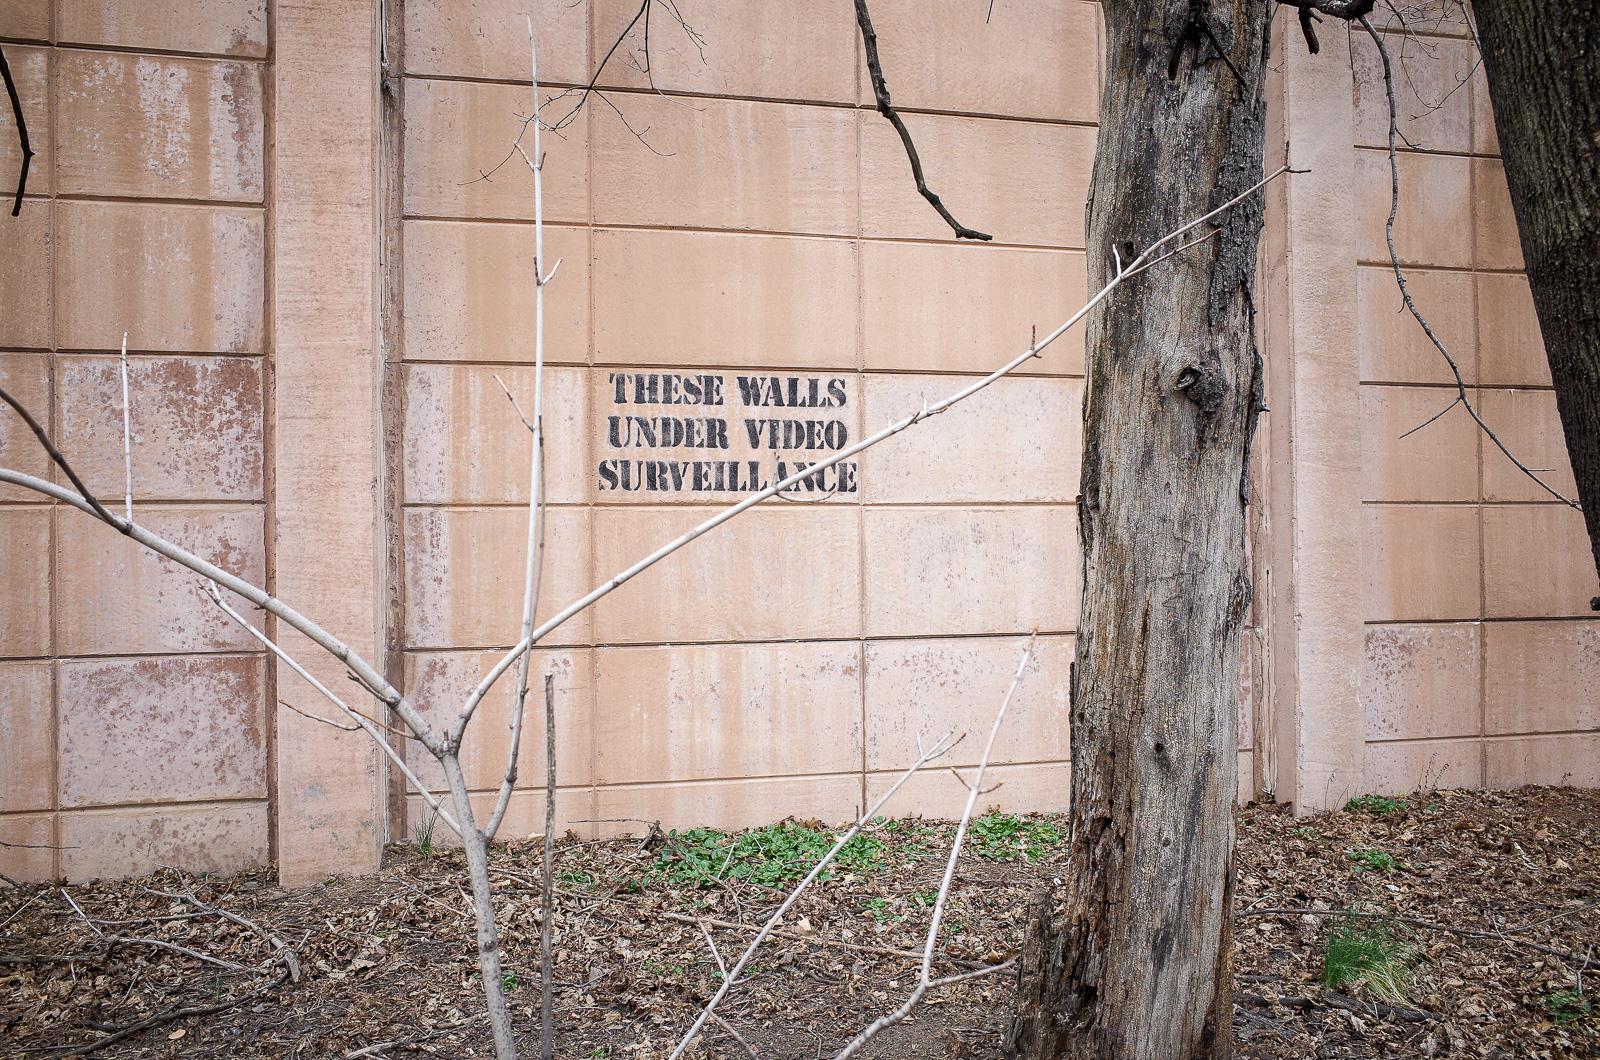 These Walls Under Video Serveillance